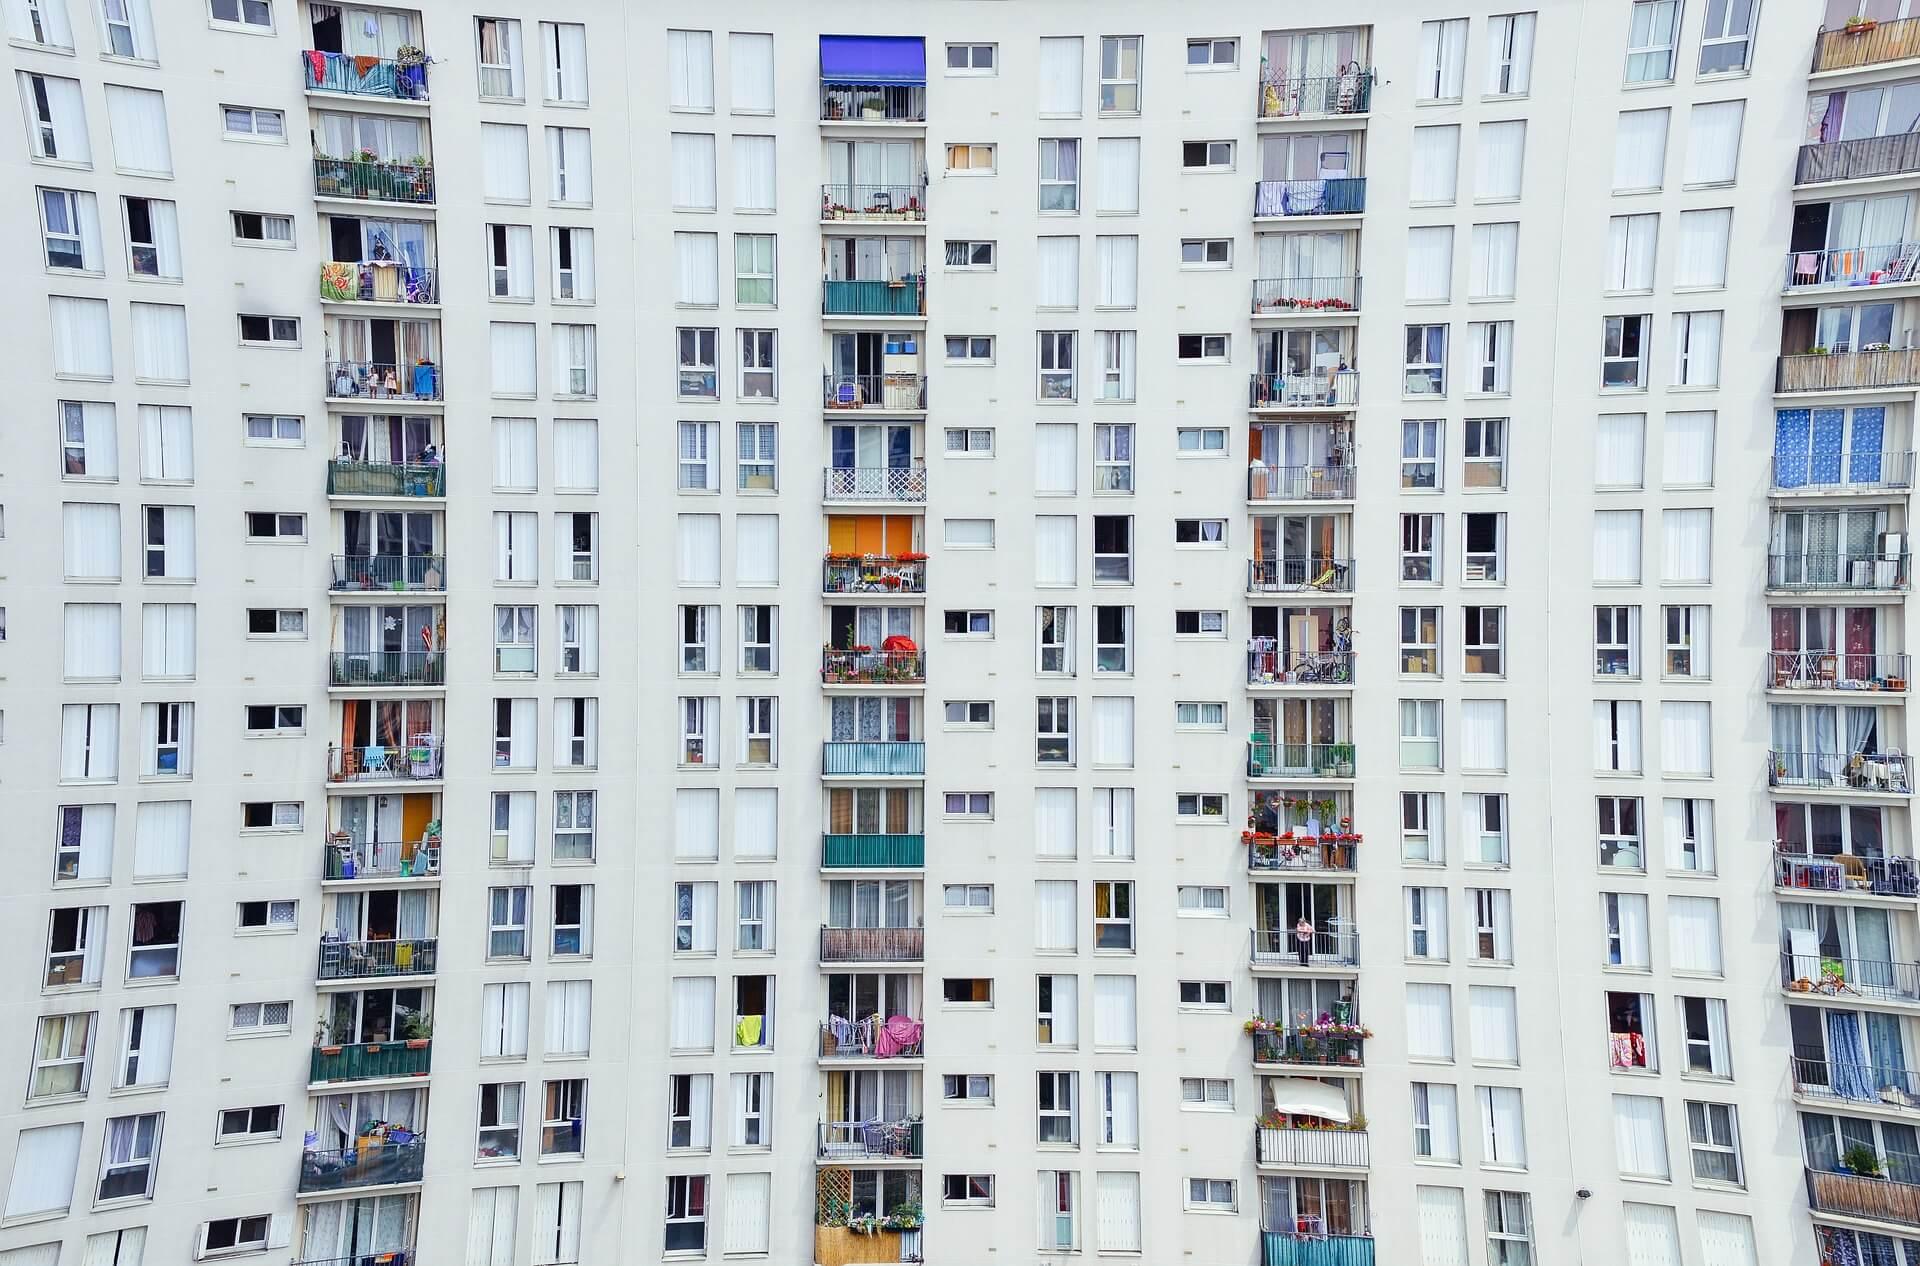 Doppelter Haushalt: Zusammenleben mit dem Partner in der Zweitwohnung